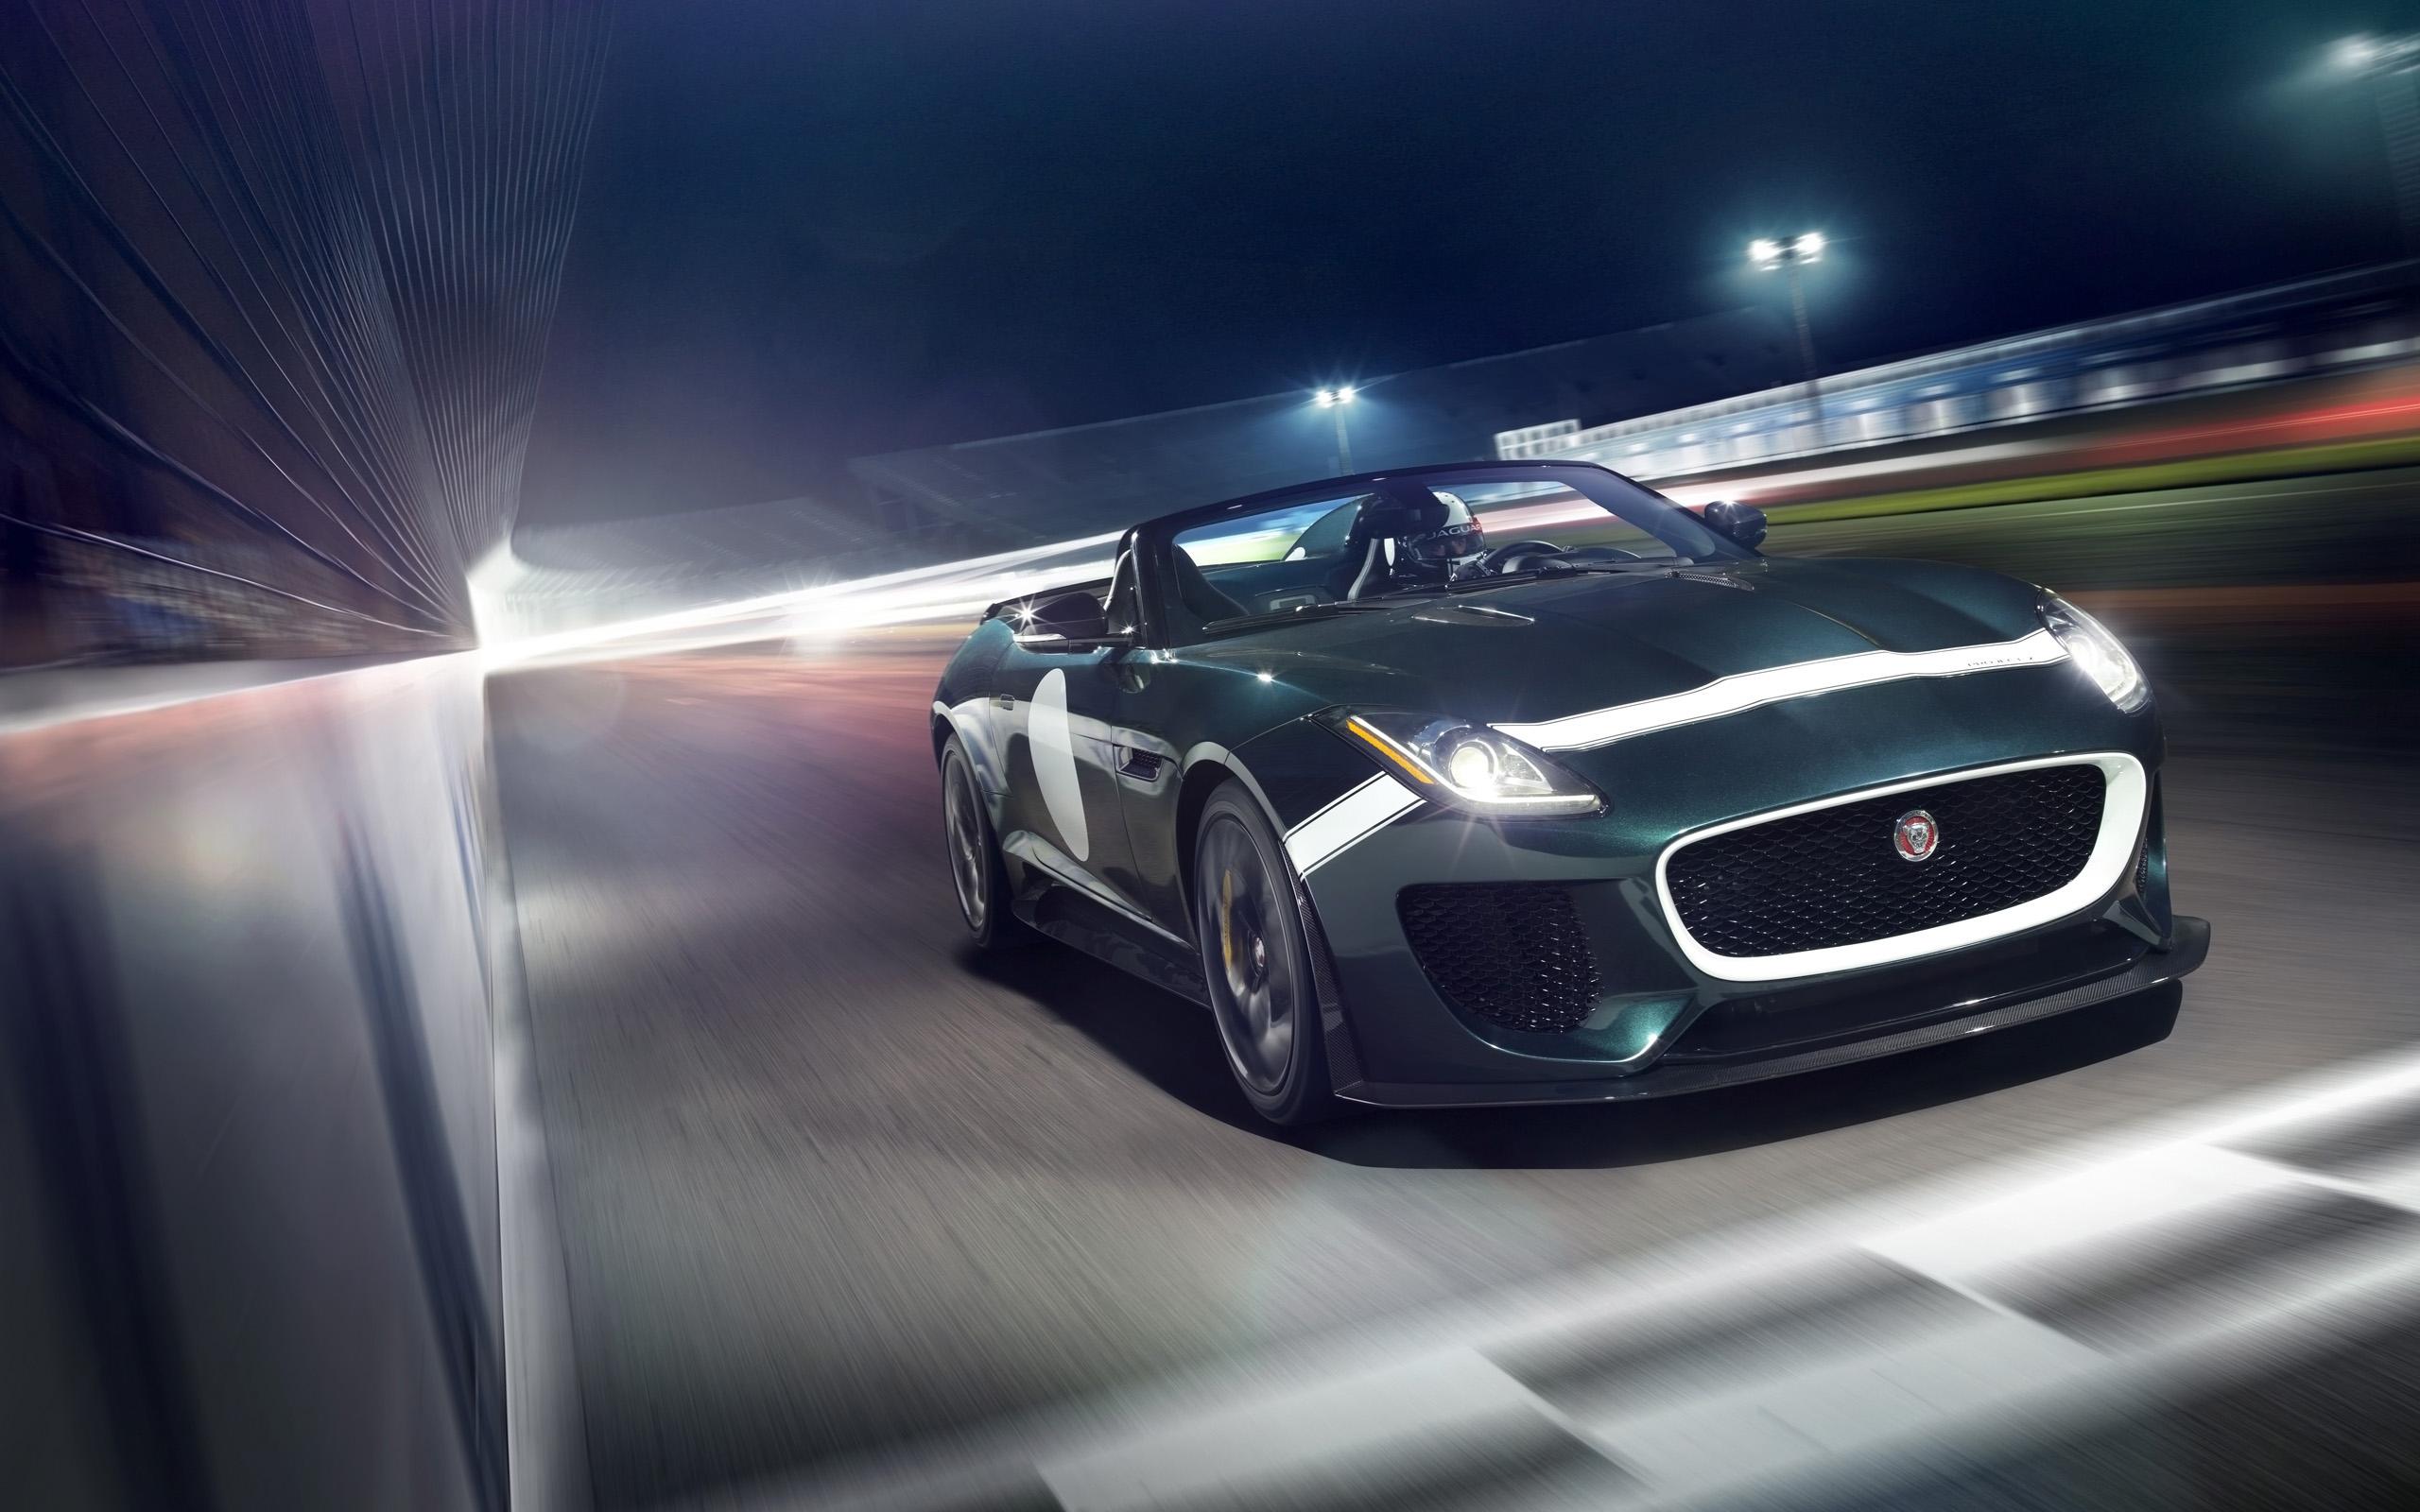 f type thumbnail photo pictures r jaguar carsinvasion car coupe hd com